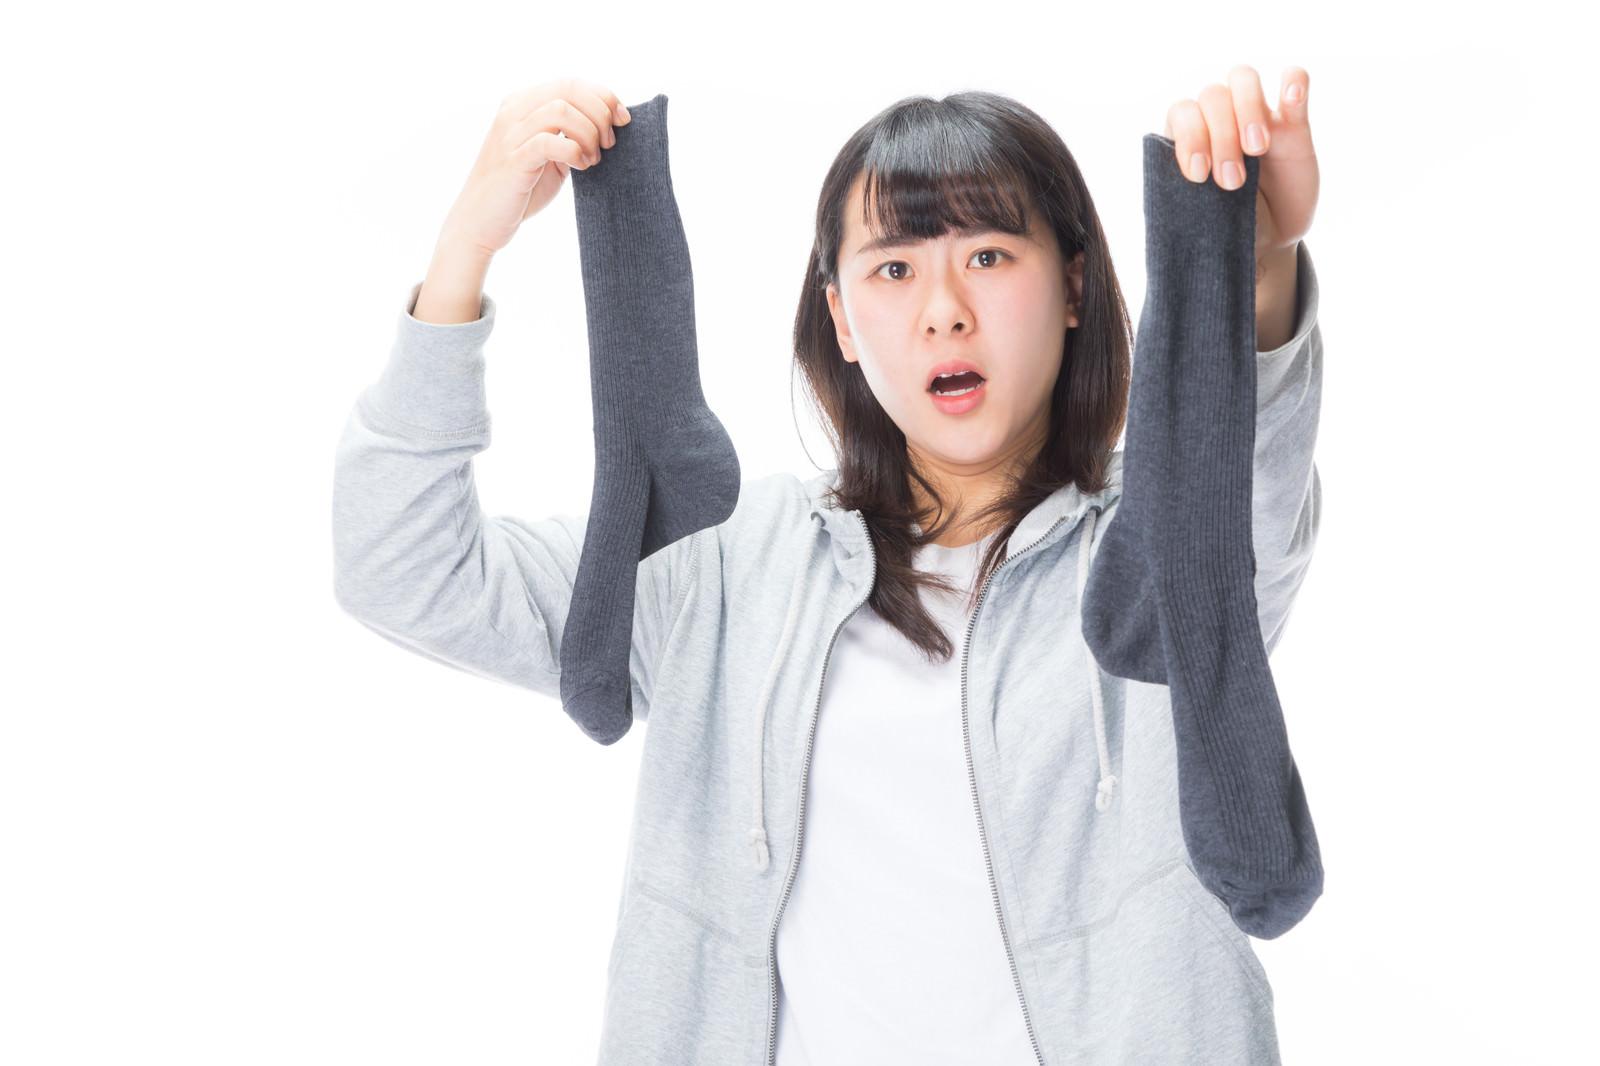 「脱ぎ捨てられた男性用靴下から悪臭が・・・」の写真[モデル:Mizuho]